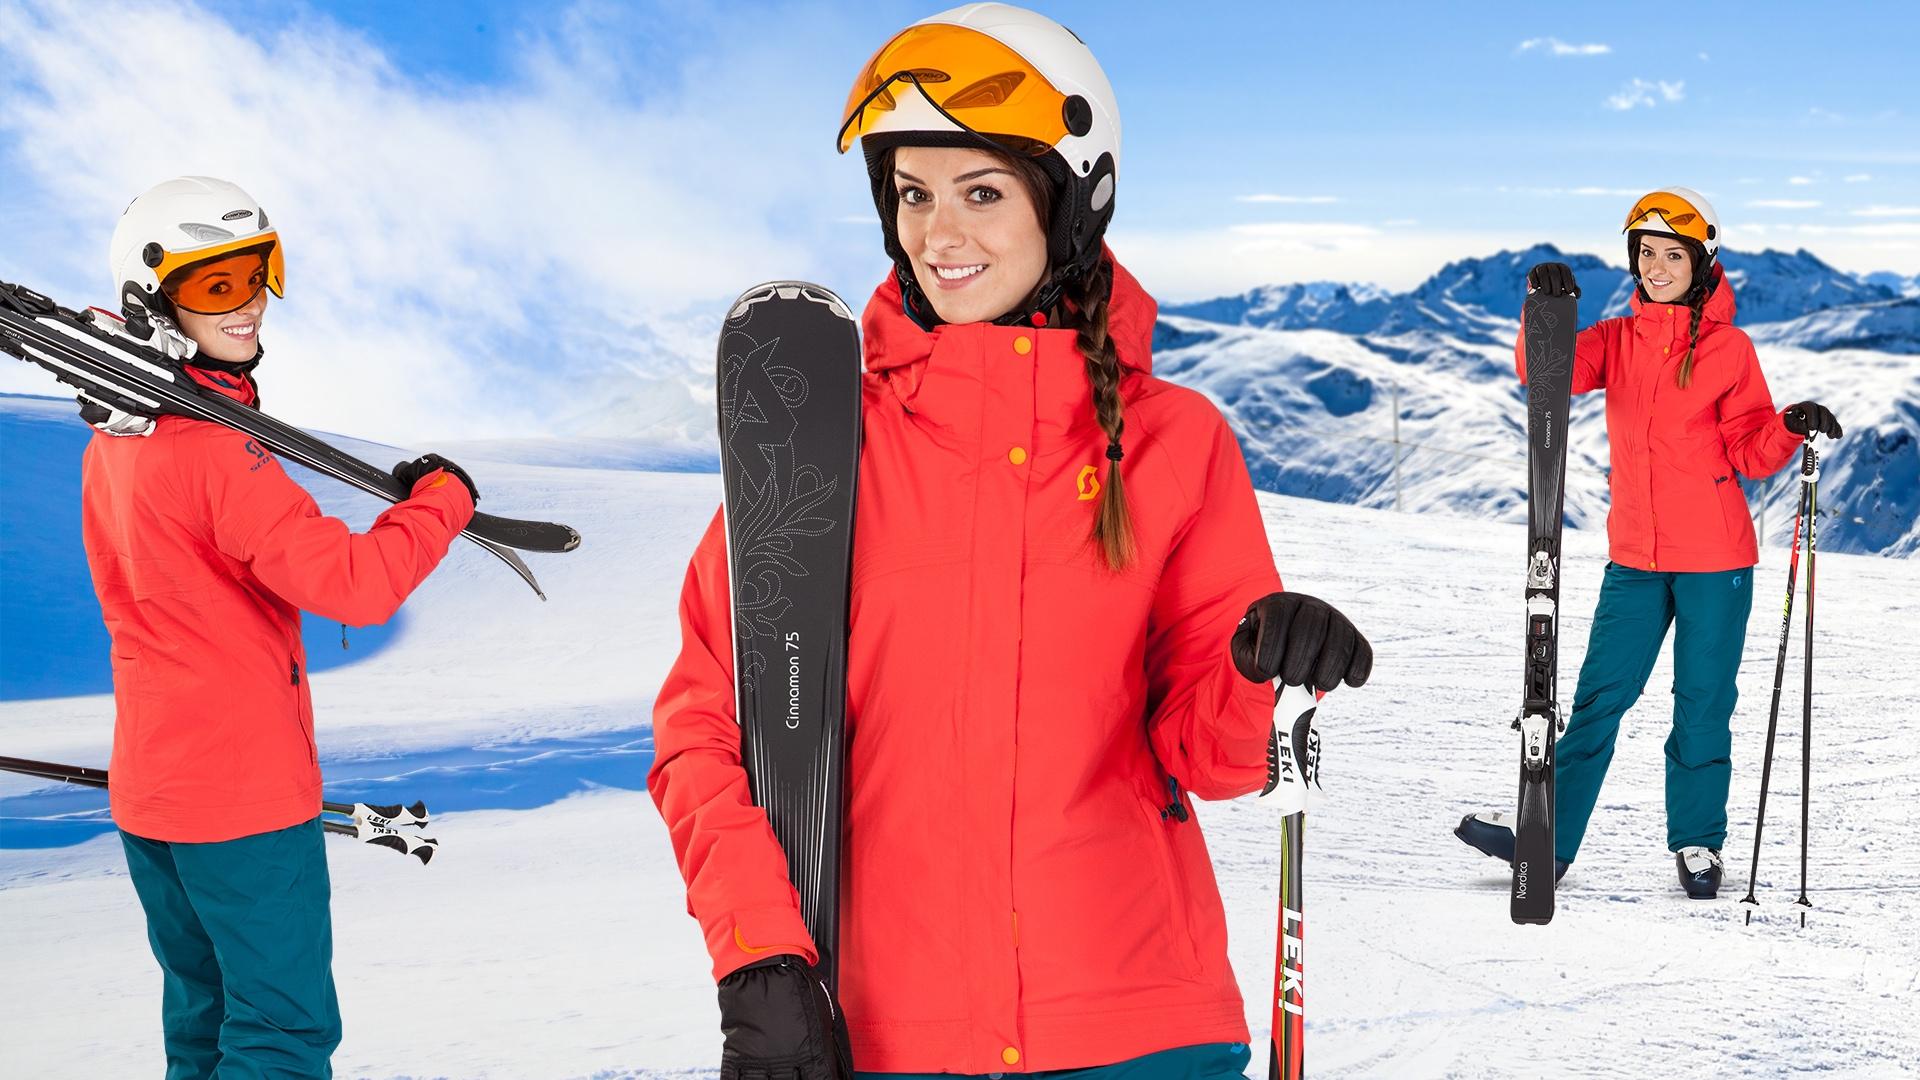 Dámský lyžařský set Scott